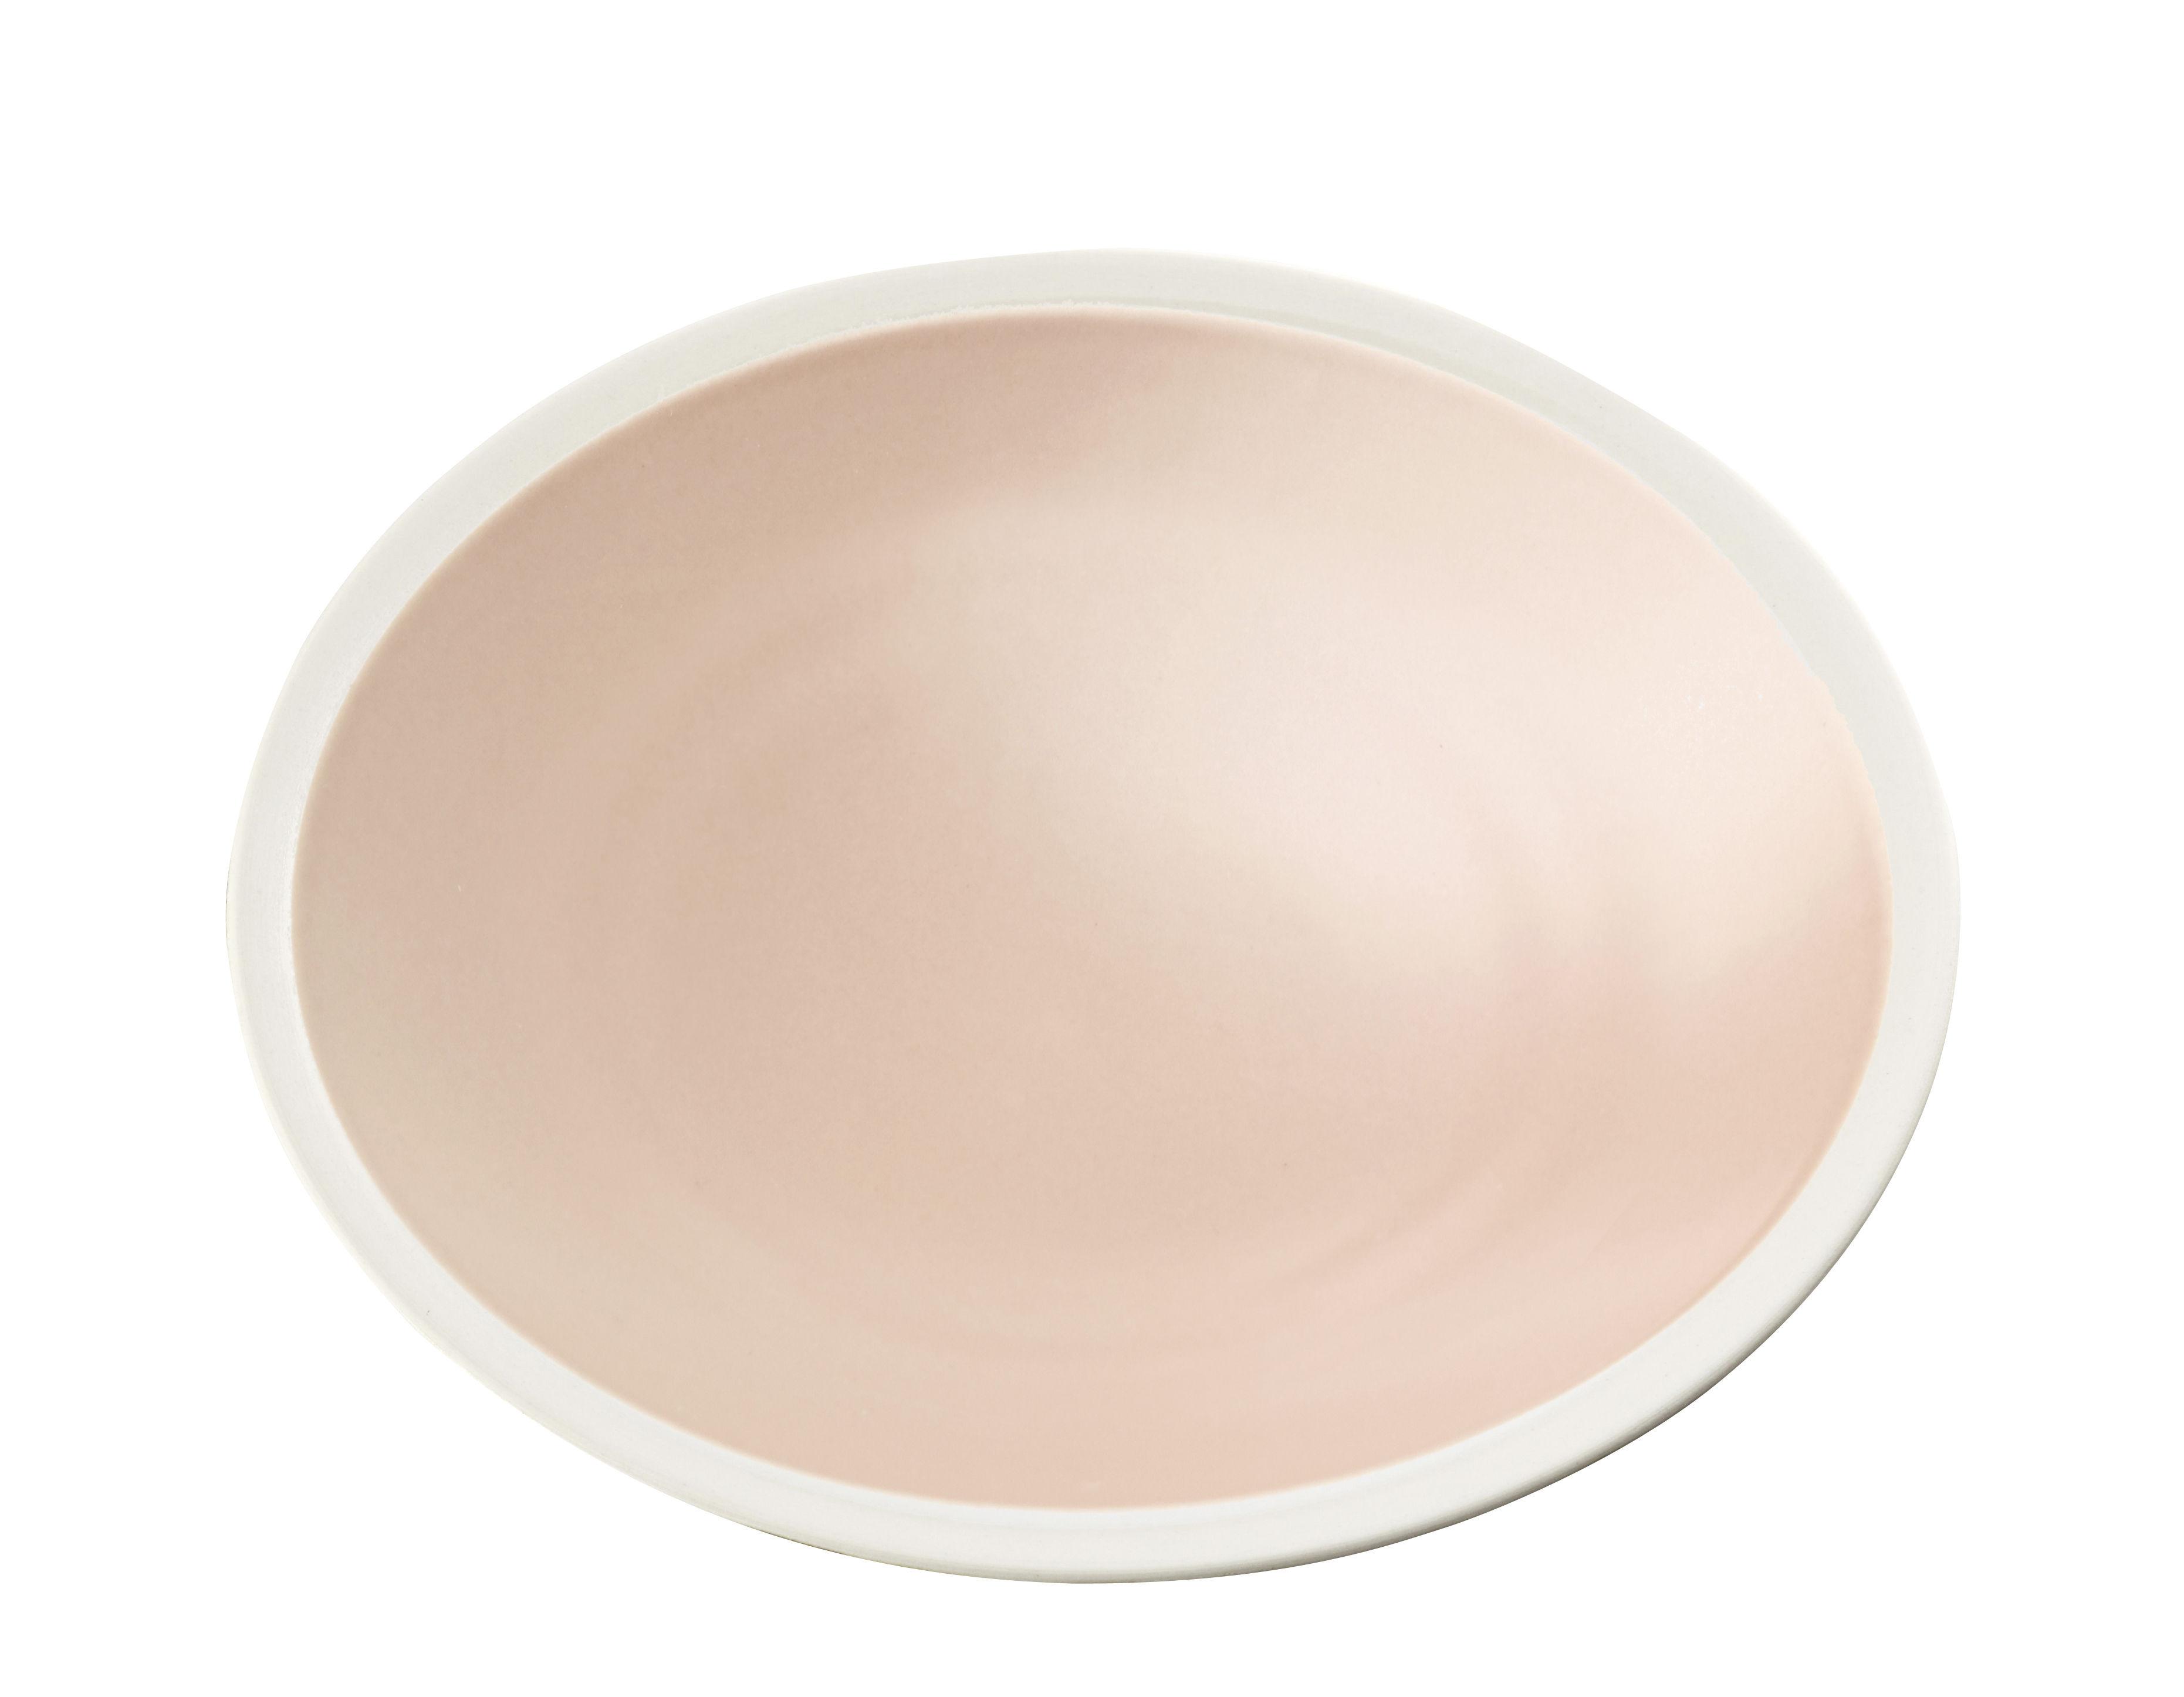 Arts de la table - Assiettes - Assiette à dessert Sicilia / Ø 20 cm - Maison Sarah Lavoine - Baby rose - Grès peint et émaillé